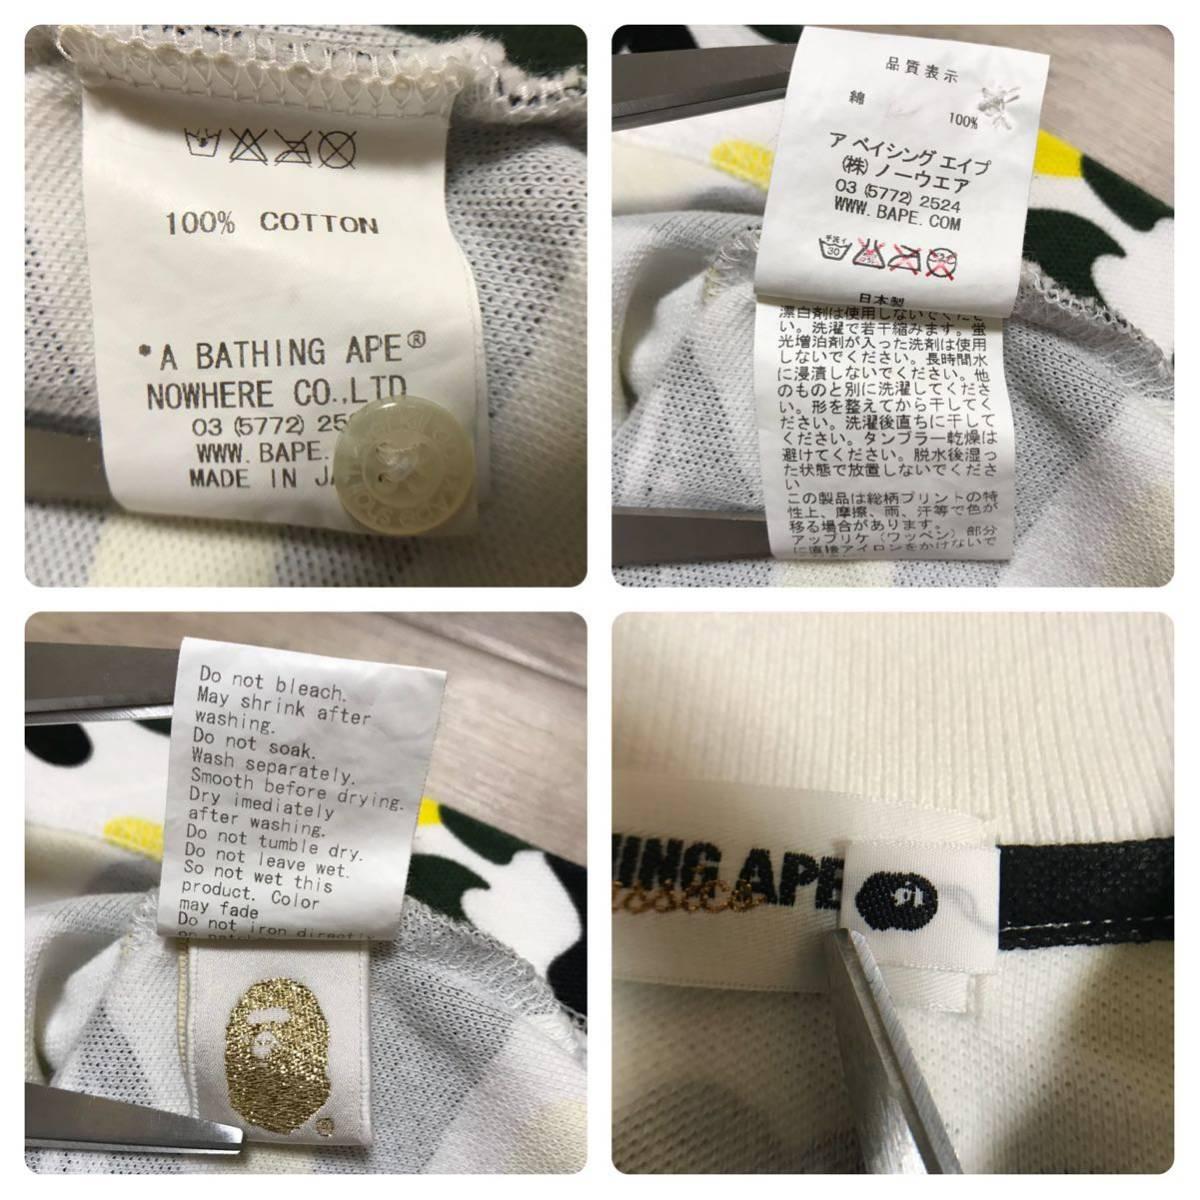 ★熊本限定★ kumamoto city camo ポロシャツ Mサイズ a bathing ape bape エイプ ベイプ アベイシングエイプ 都市限定 迷彩 store limited